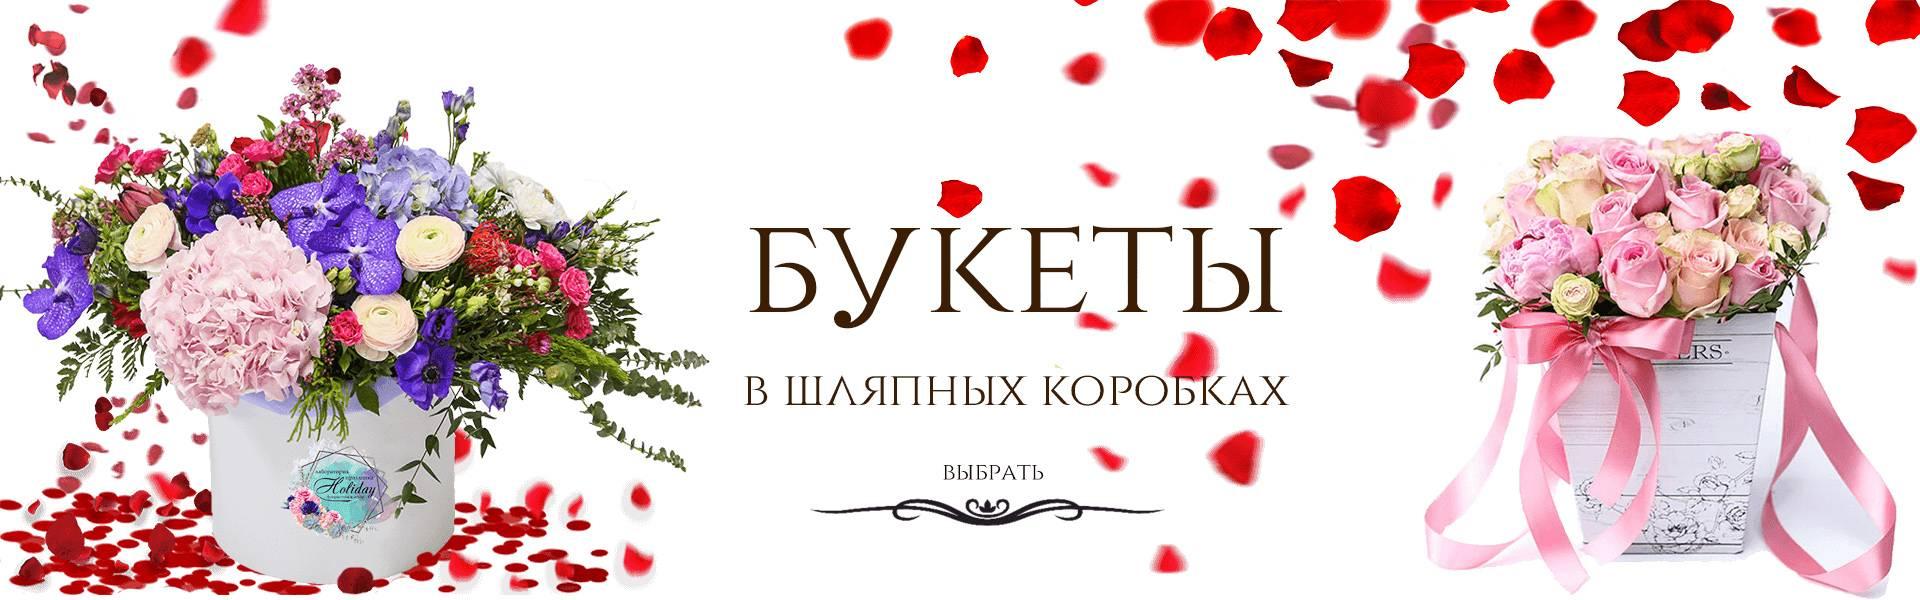 baner-tsvety-v-shlyapnoj-korobke